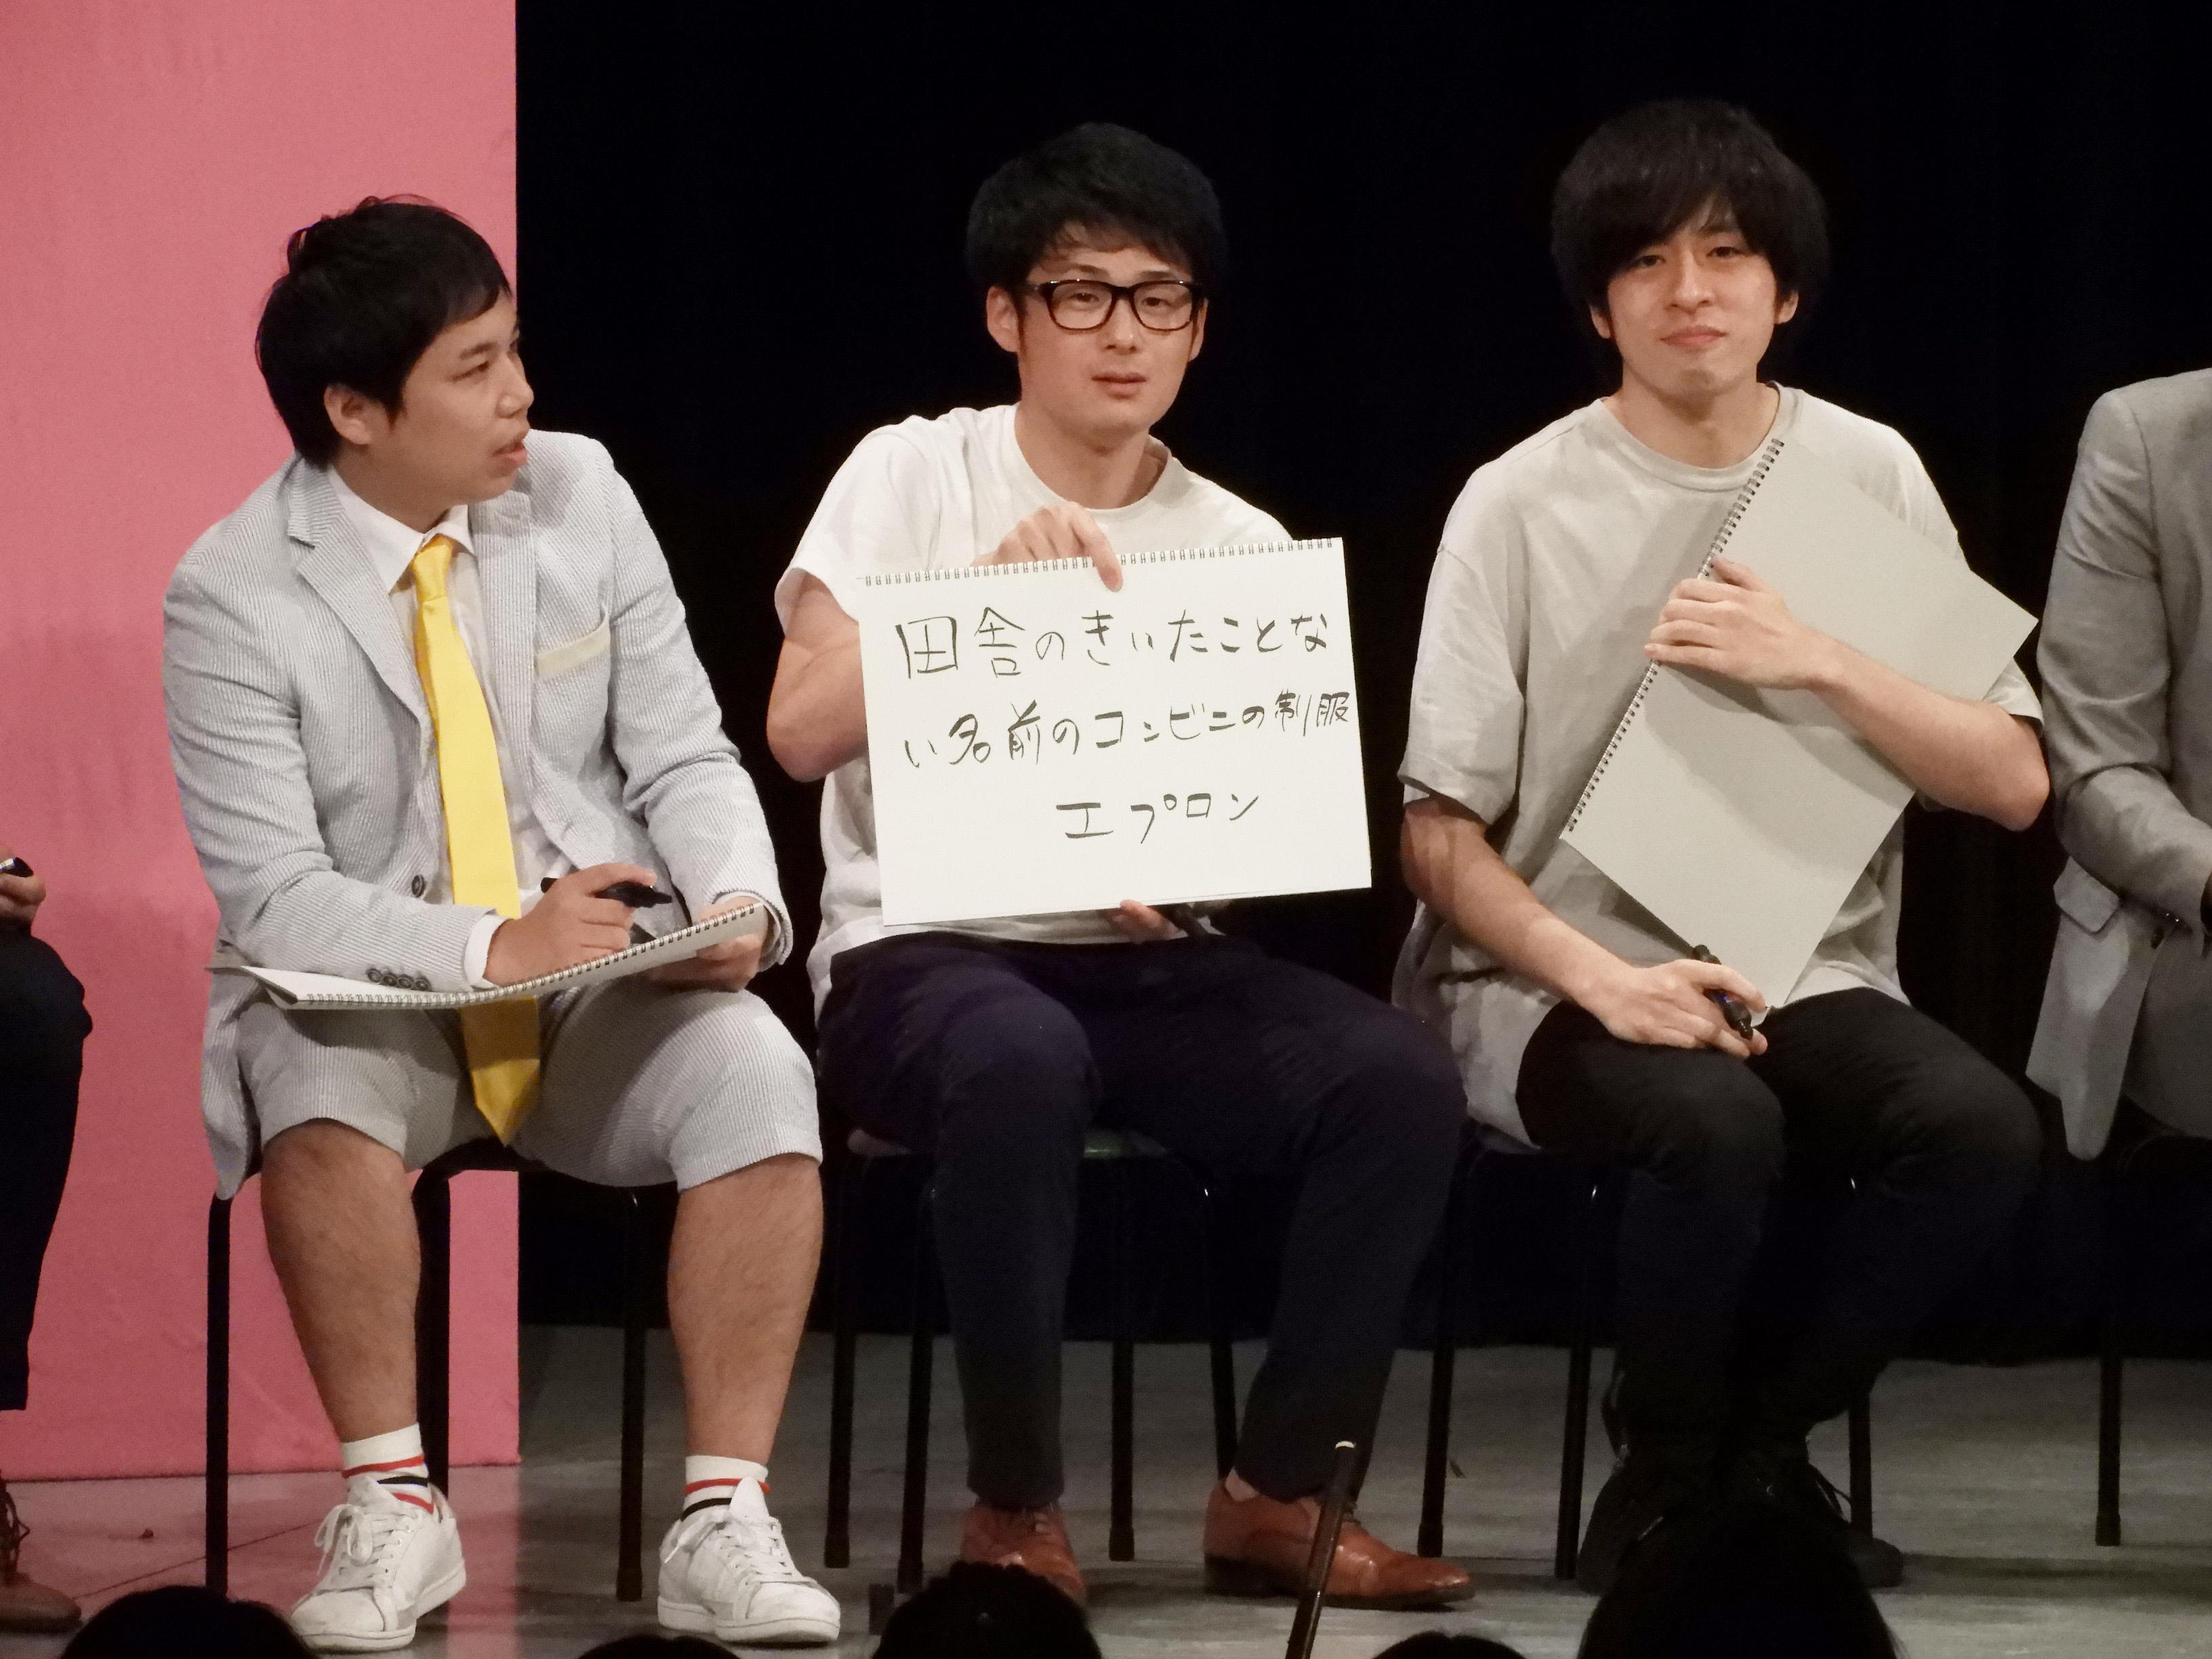 http://news.yoshimoto.co.jp/20180926120529-a79fe55fb4df27bdfd8ec4c7b0a7d3055dca9711.jpg